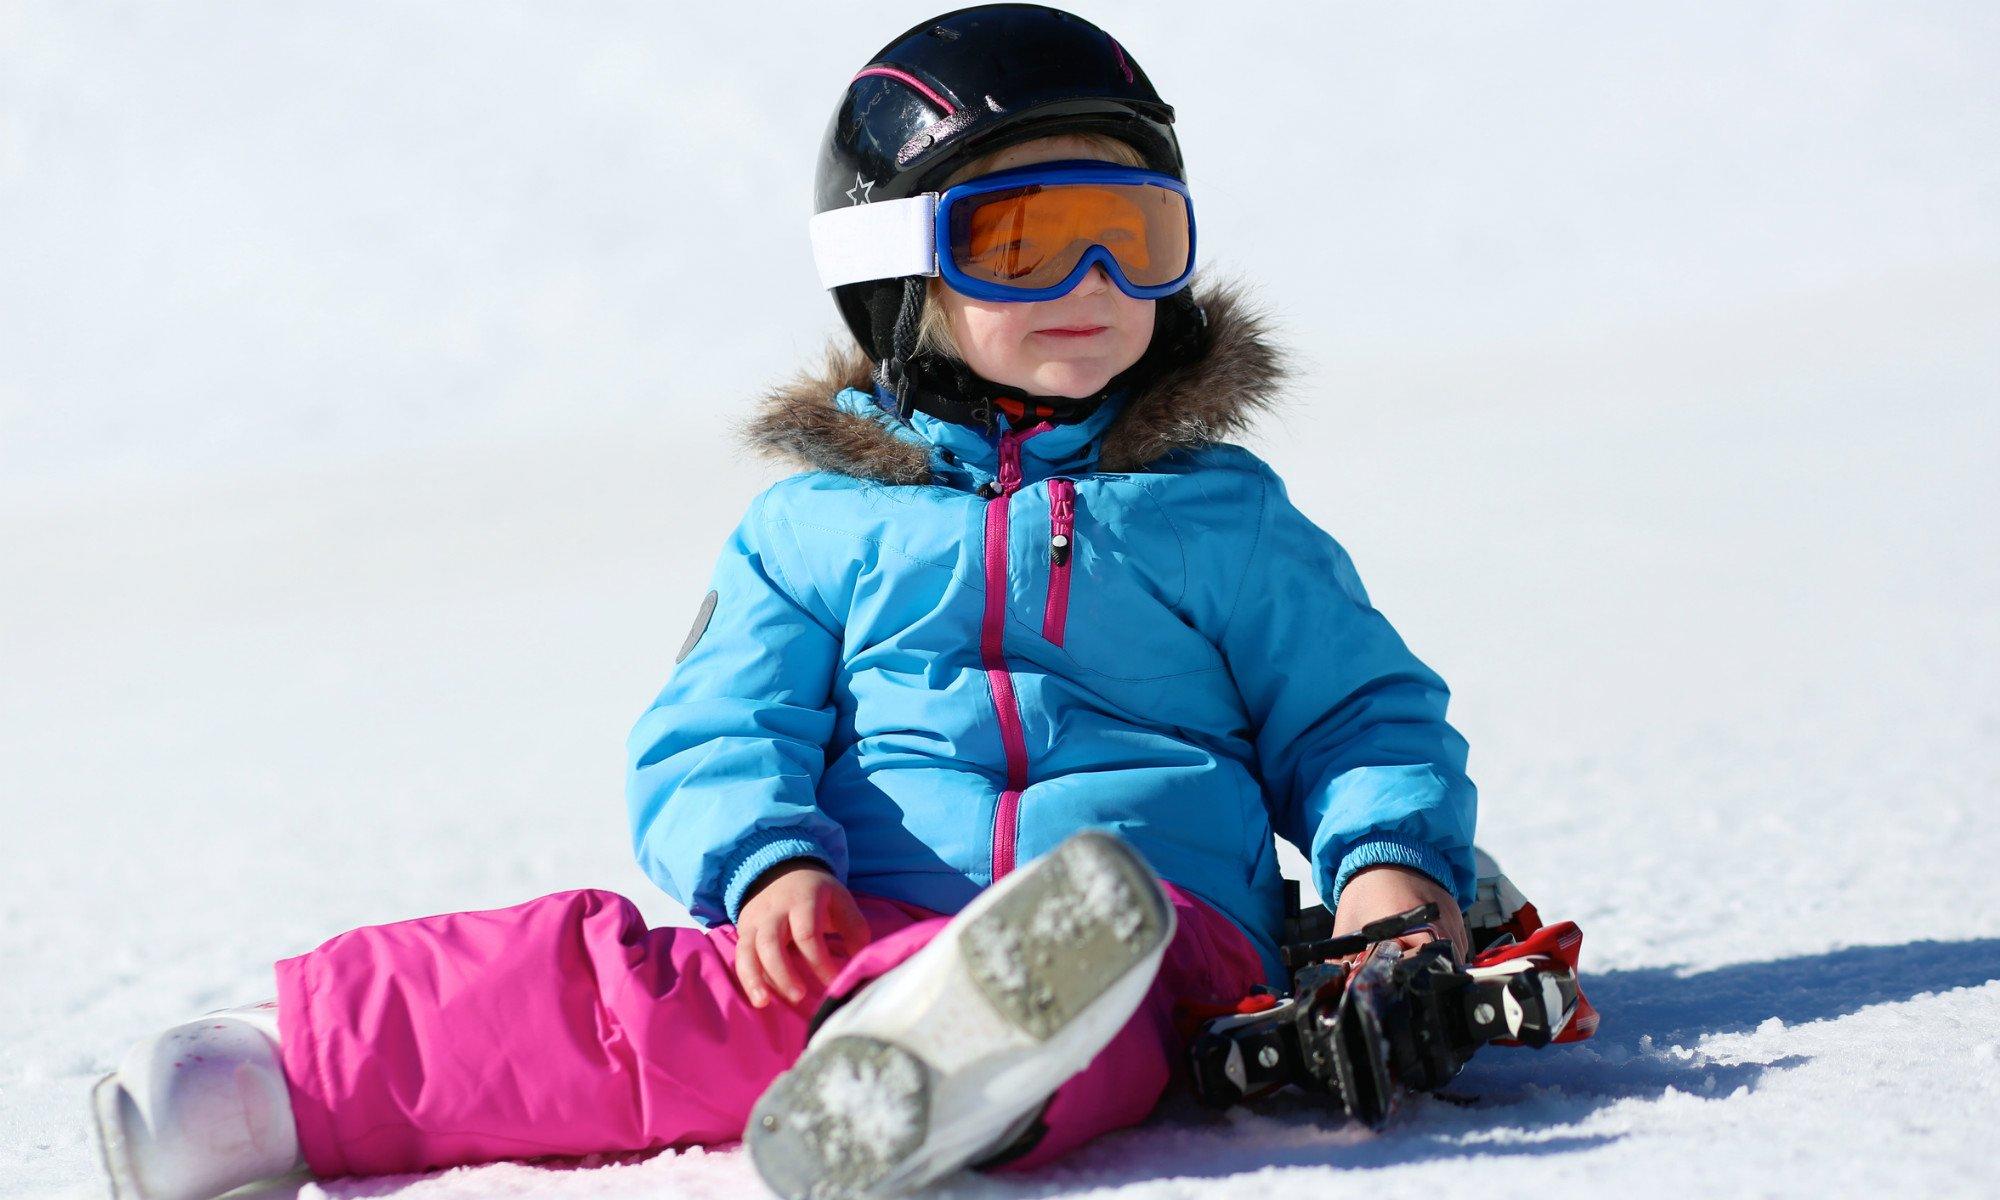 Ein Kleinkind sitzt in Skiausrüstung im Schnee.